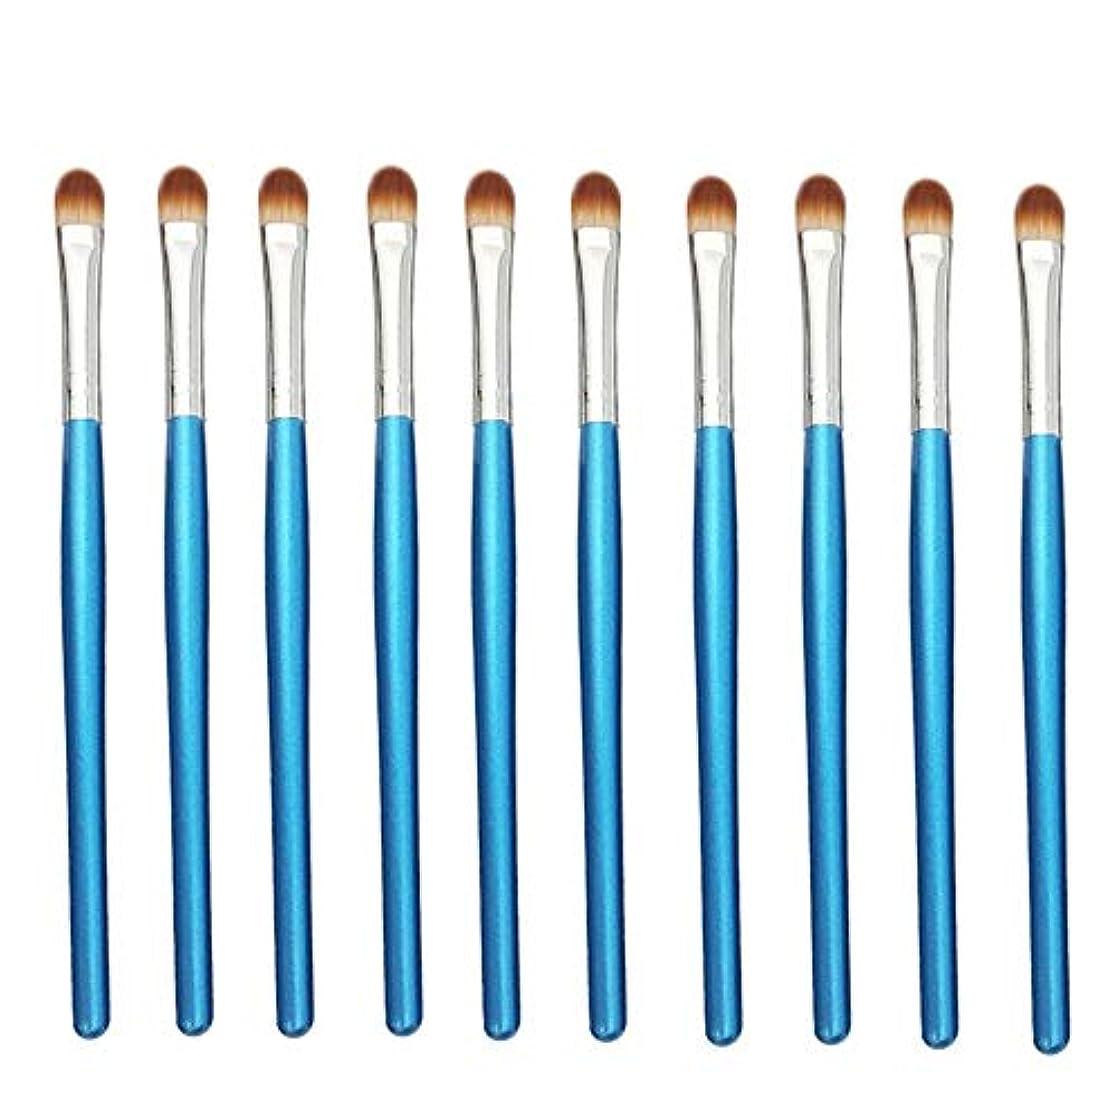 変換する無数のスツールMakeup brushes 青、初心者および専門家に適したアイシャドウブラシアイメイクブラシ10スティックアイメイクブラシ suits (Color : Blue Silver)